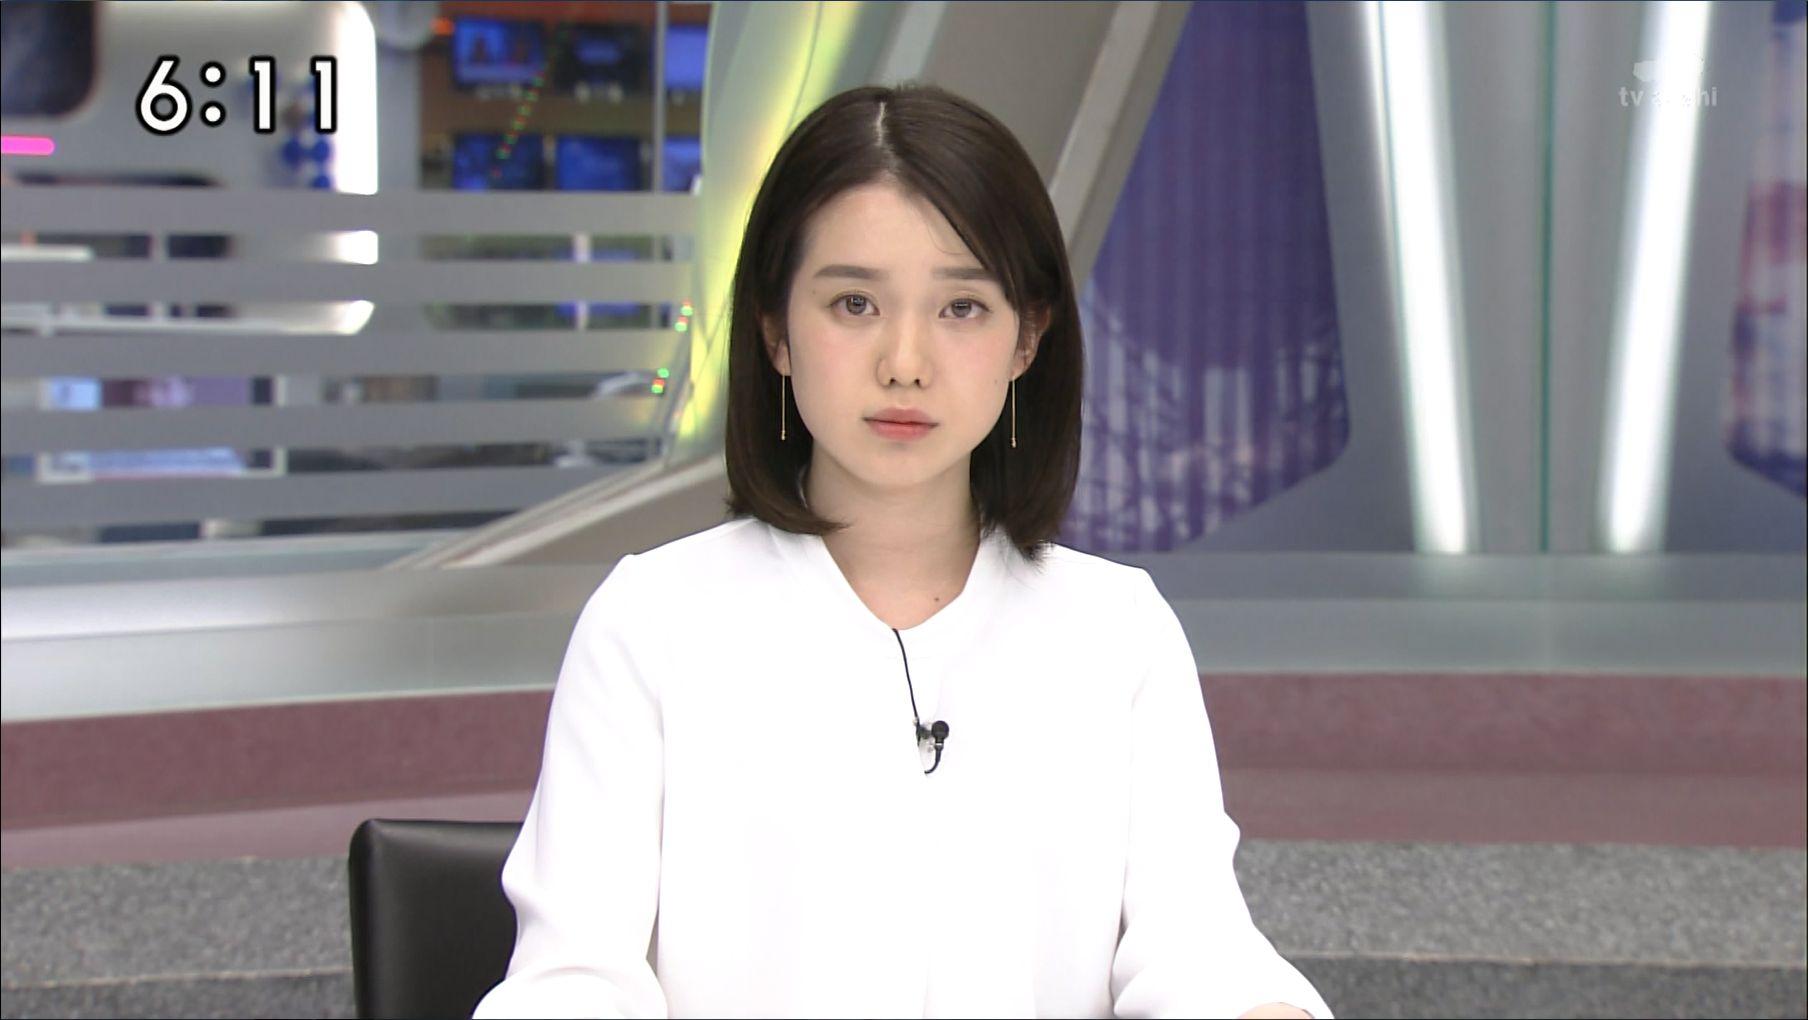 弘中綾香 弘中綾香アナは神奈川県の出身です。二人姉妹の次女で姉が一人います。